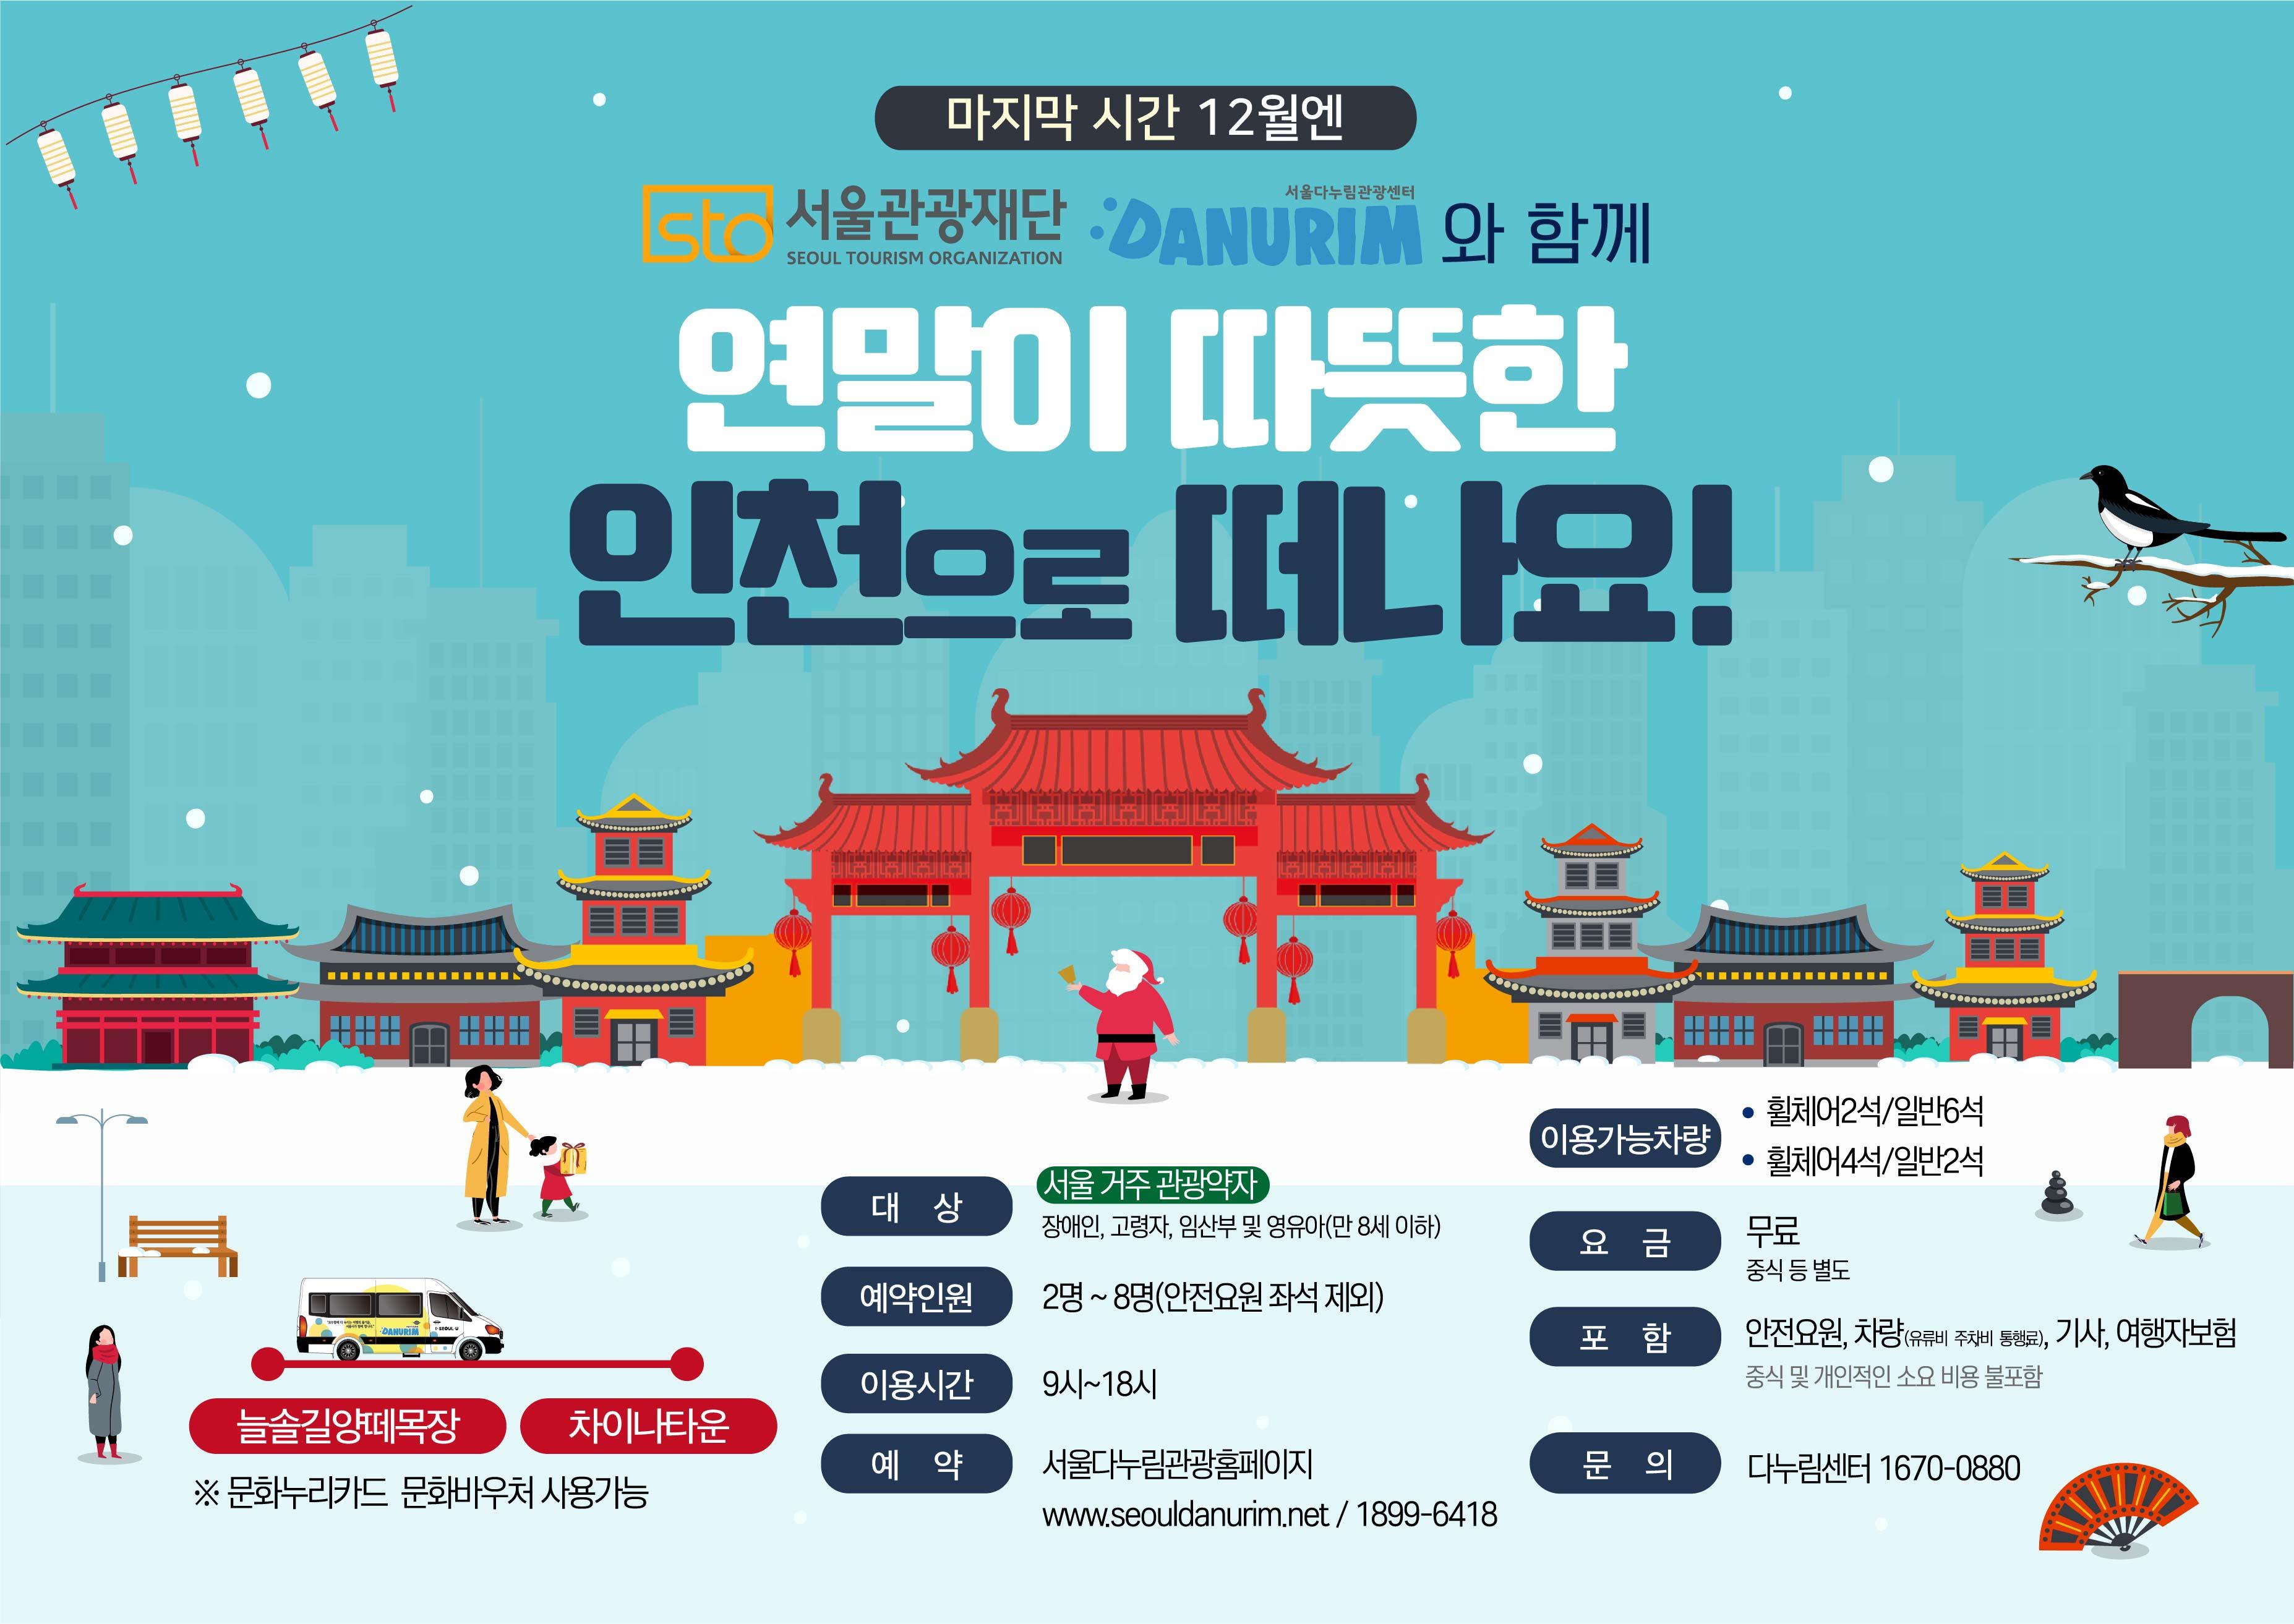 다누림미니밴 12월 추천여행(서울 근교) 홍보 포스터 : 상세내용 하단 참조